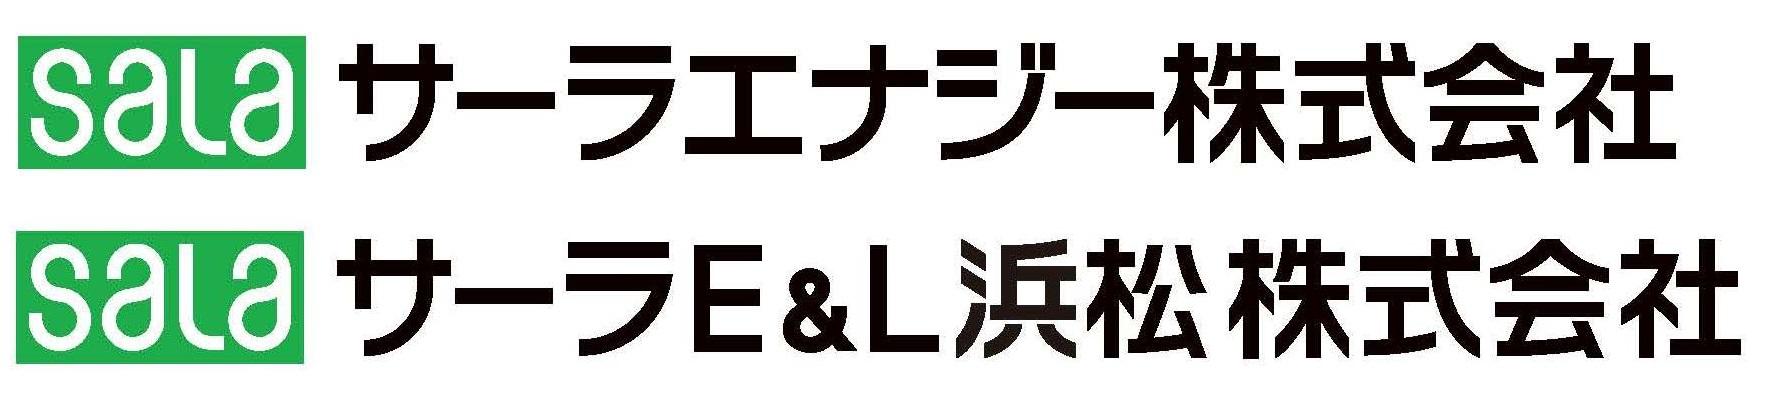 サーラエナジー サーラE&L浜松